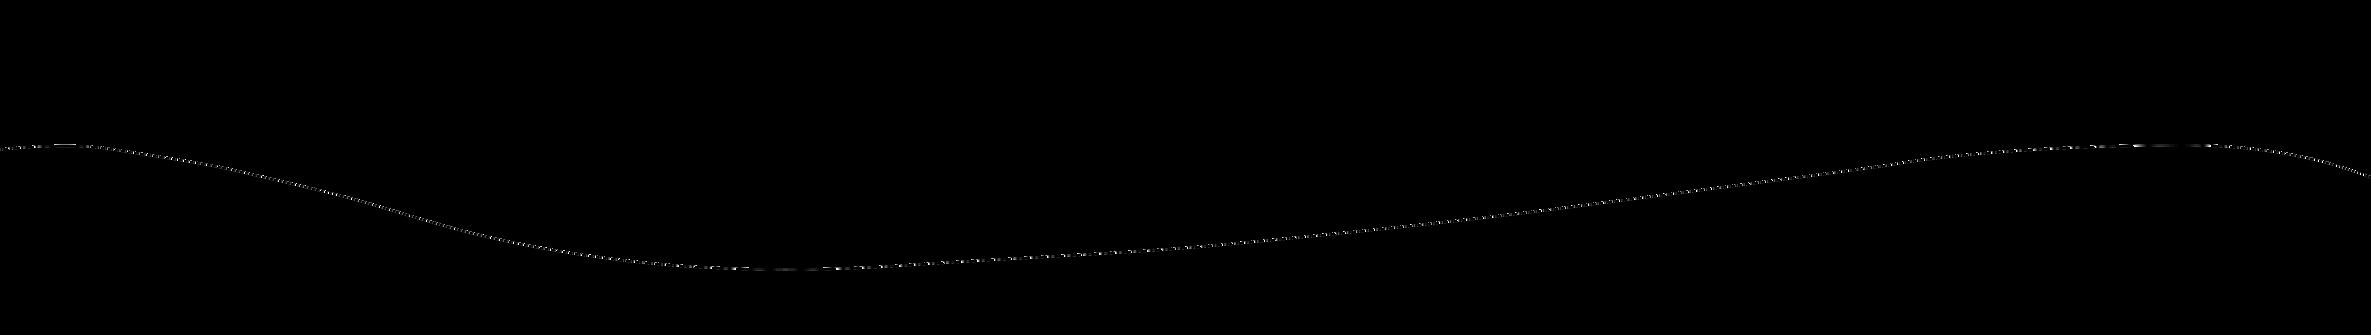 forme noir 1.png